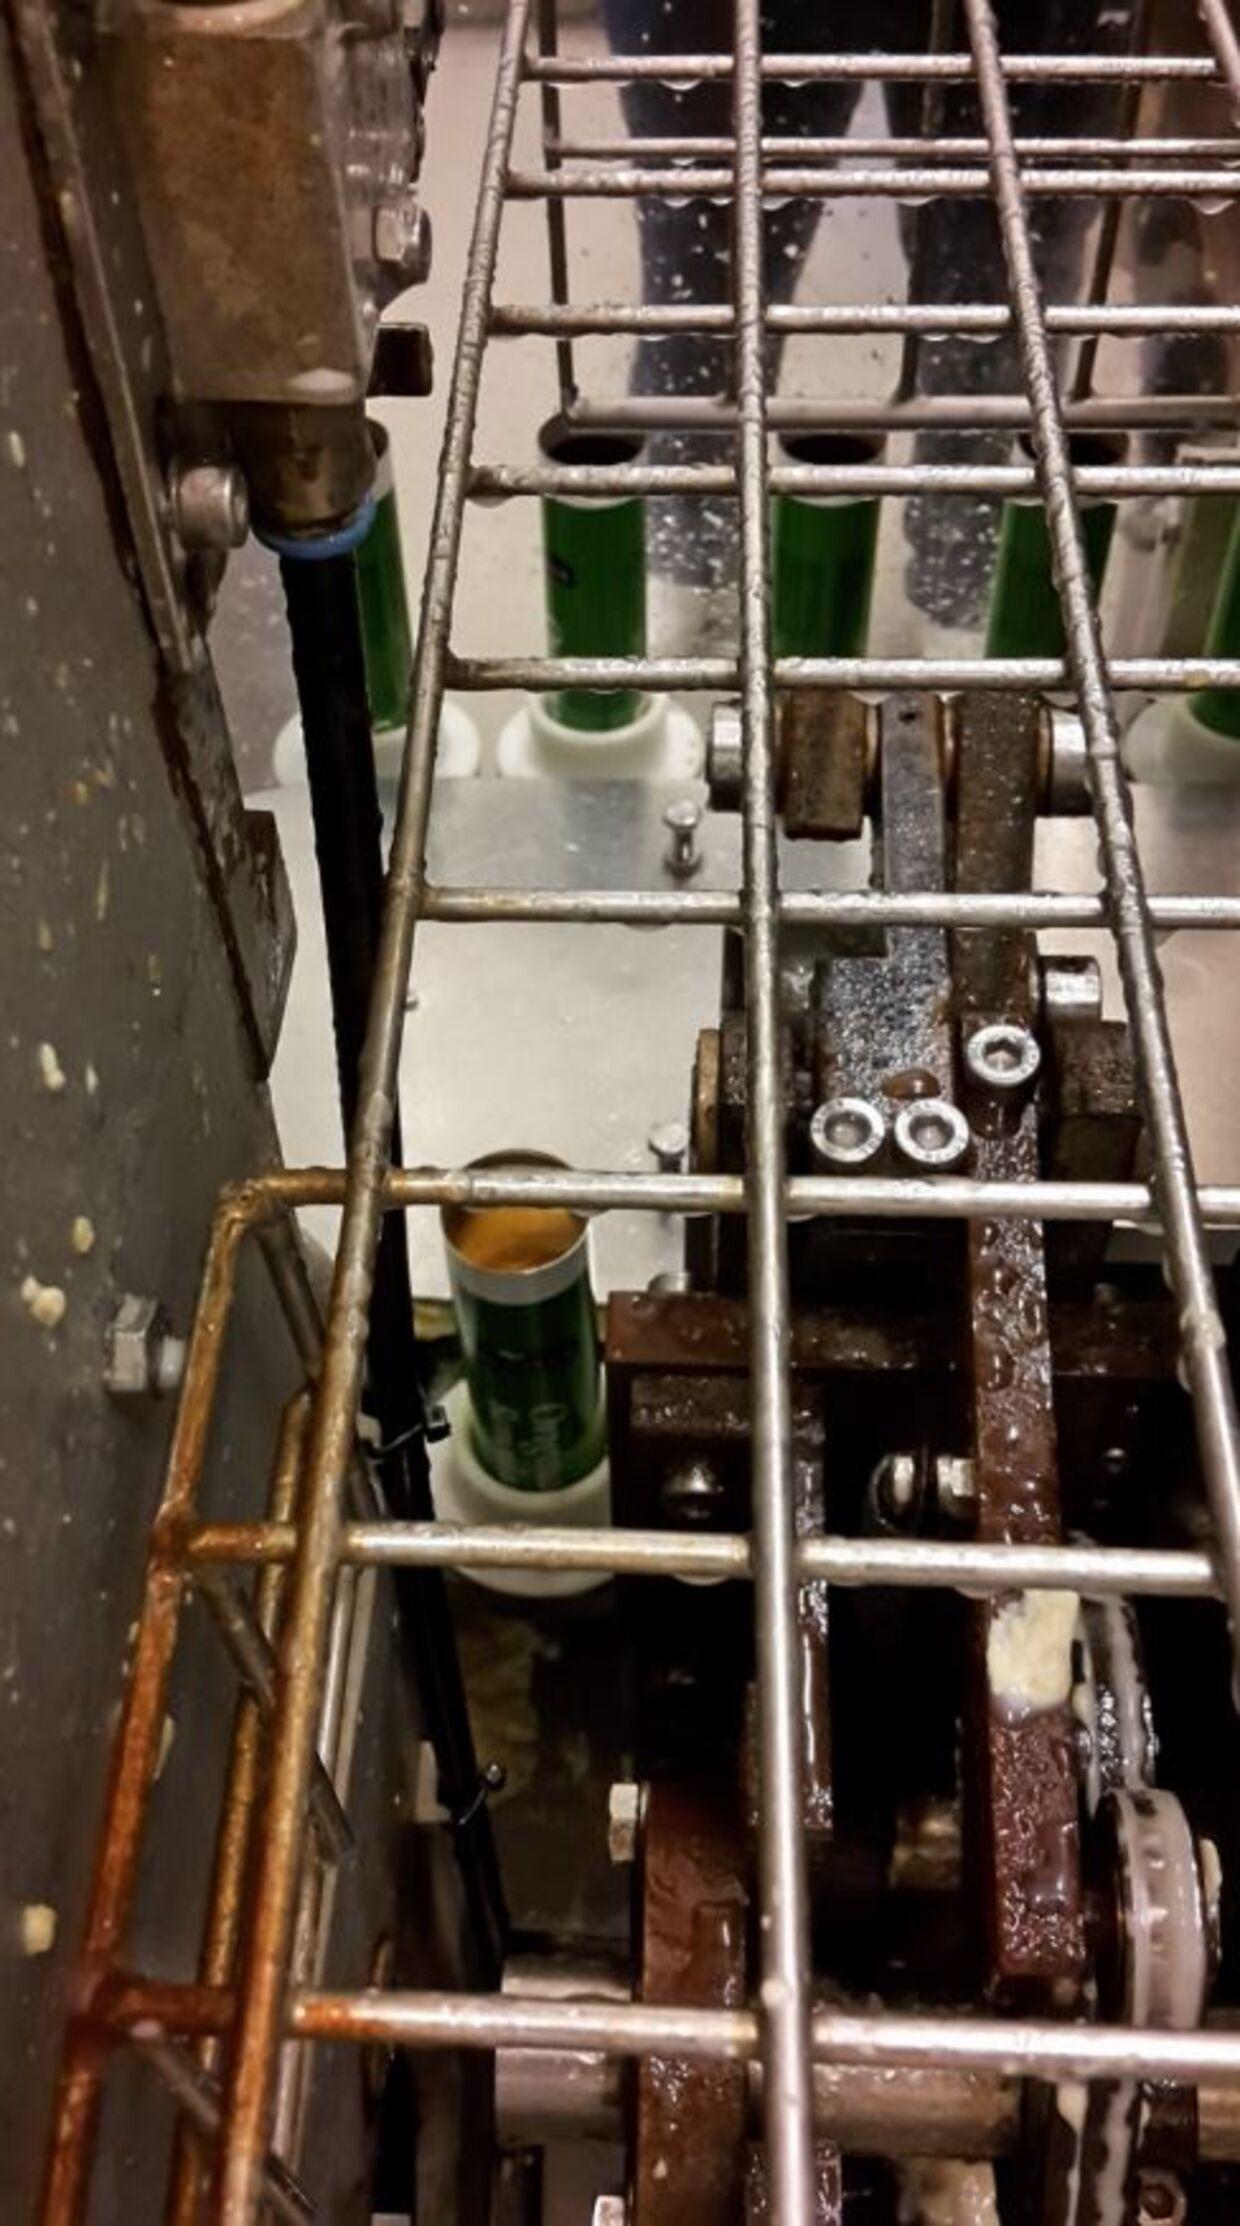 Her ses en maskine, der fylder tuber på fabrikken. Der er rust og madrester på maskinen, og ifølge Fødevarestyrelsen drypper den også. (Foto: Fødevarestyrelsen)